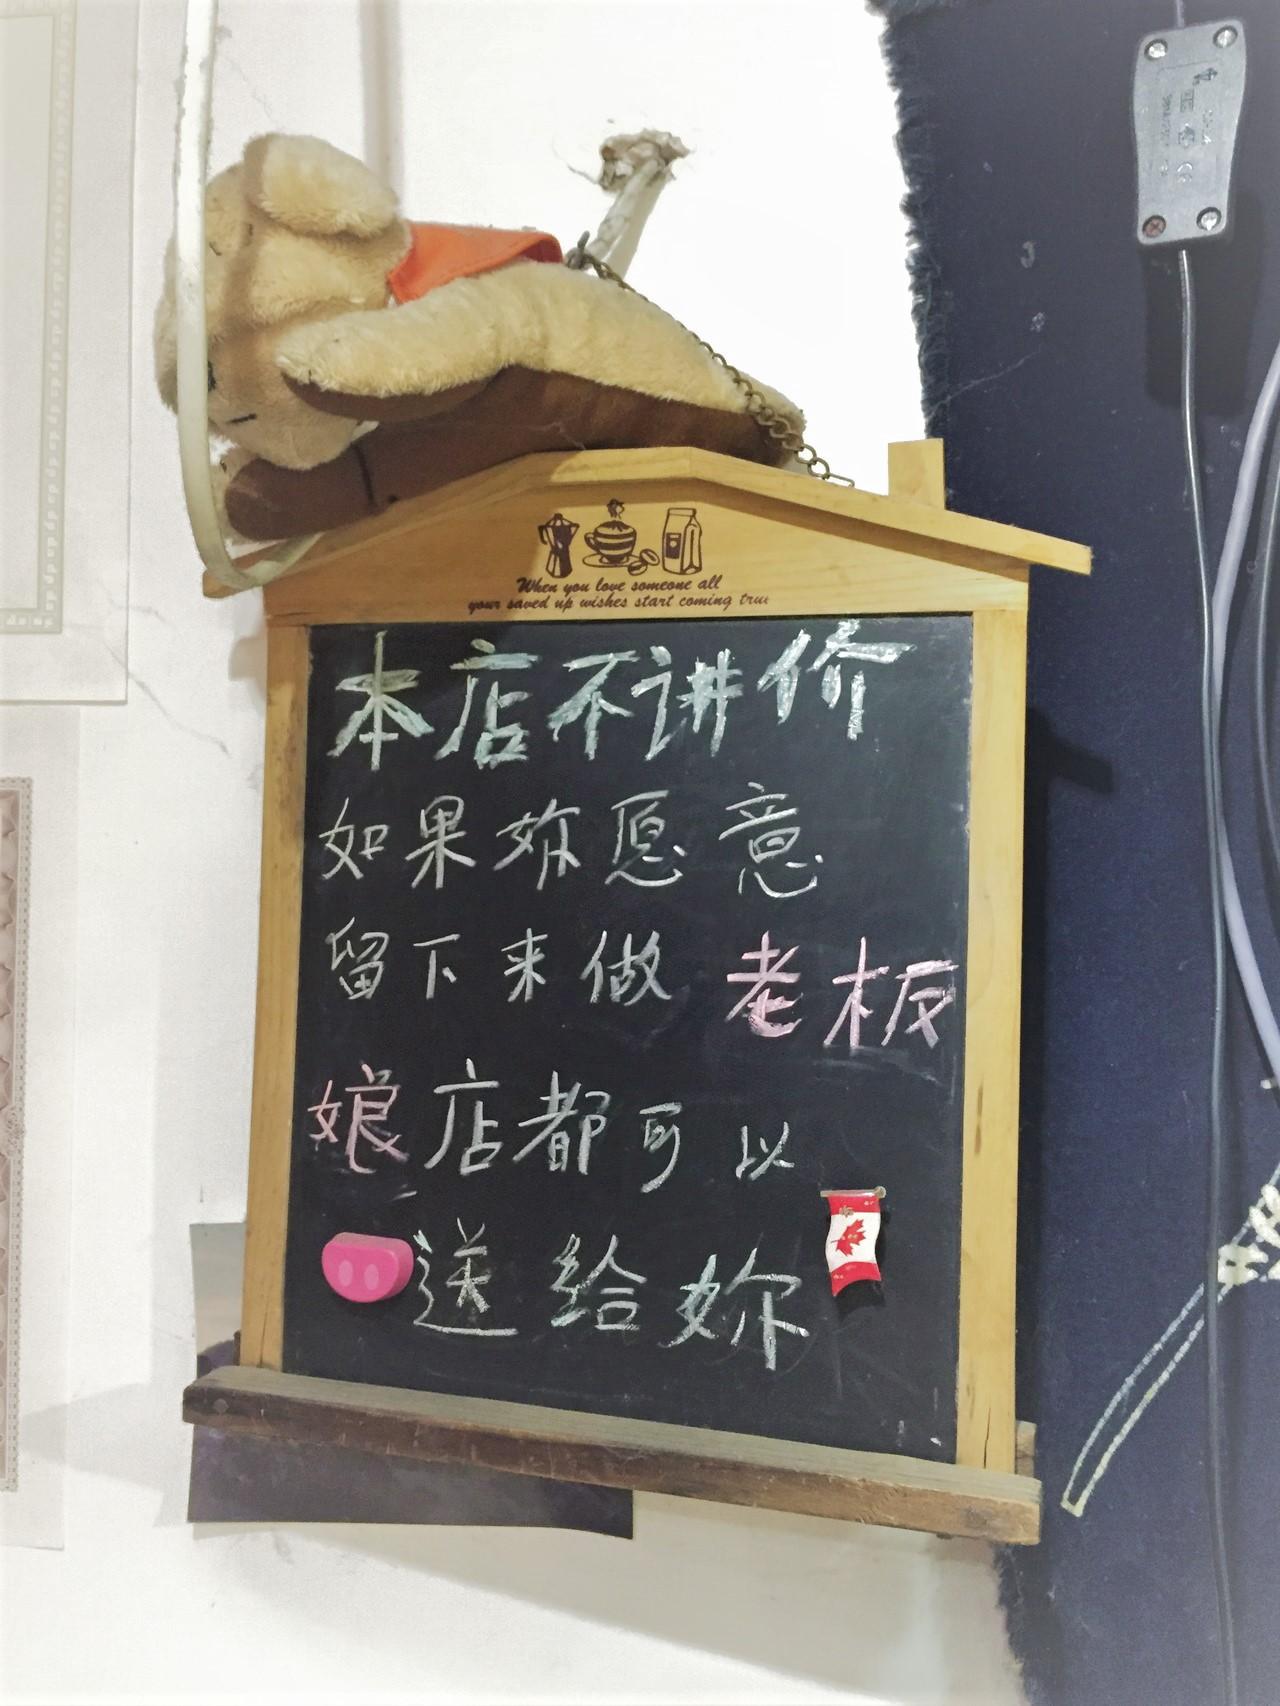 带上灵气去失恋博物馆安置回忆|广州第旧物的女生一家图片